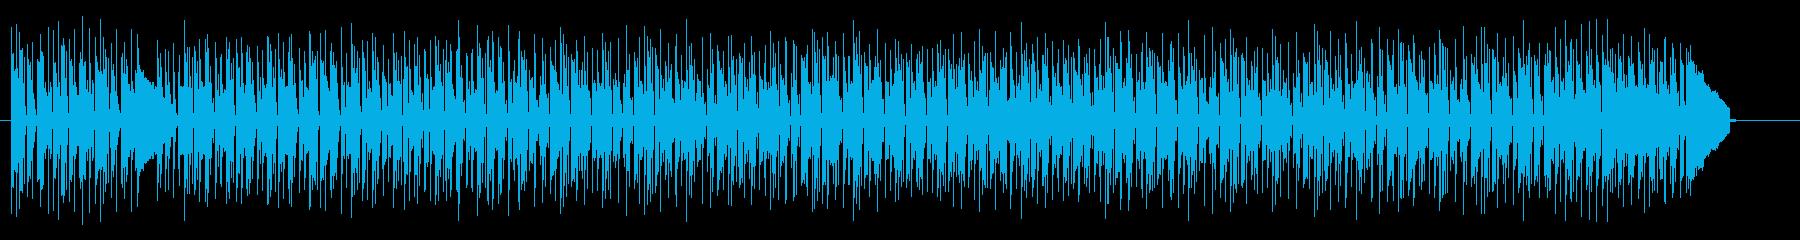 陽気なポップインストの再生済みの波形